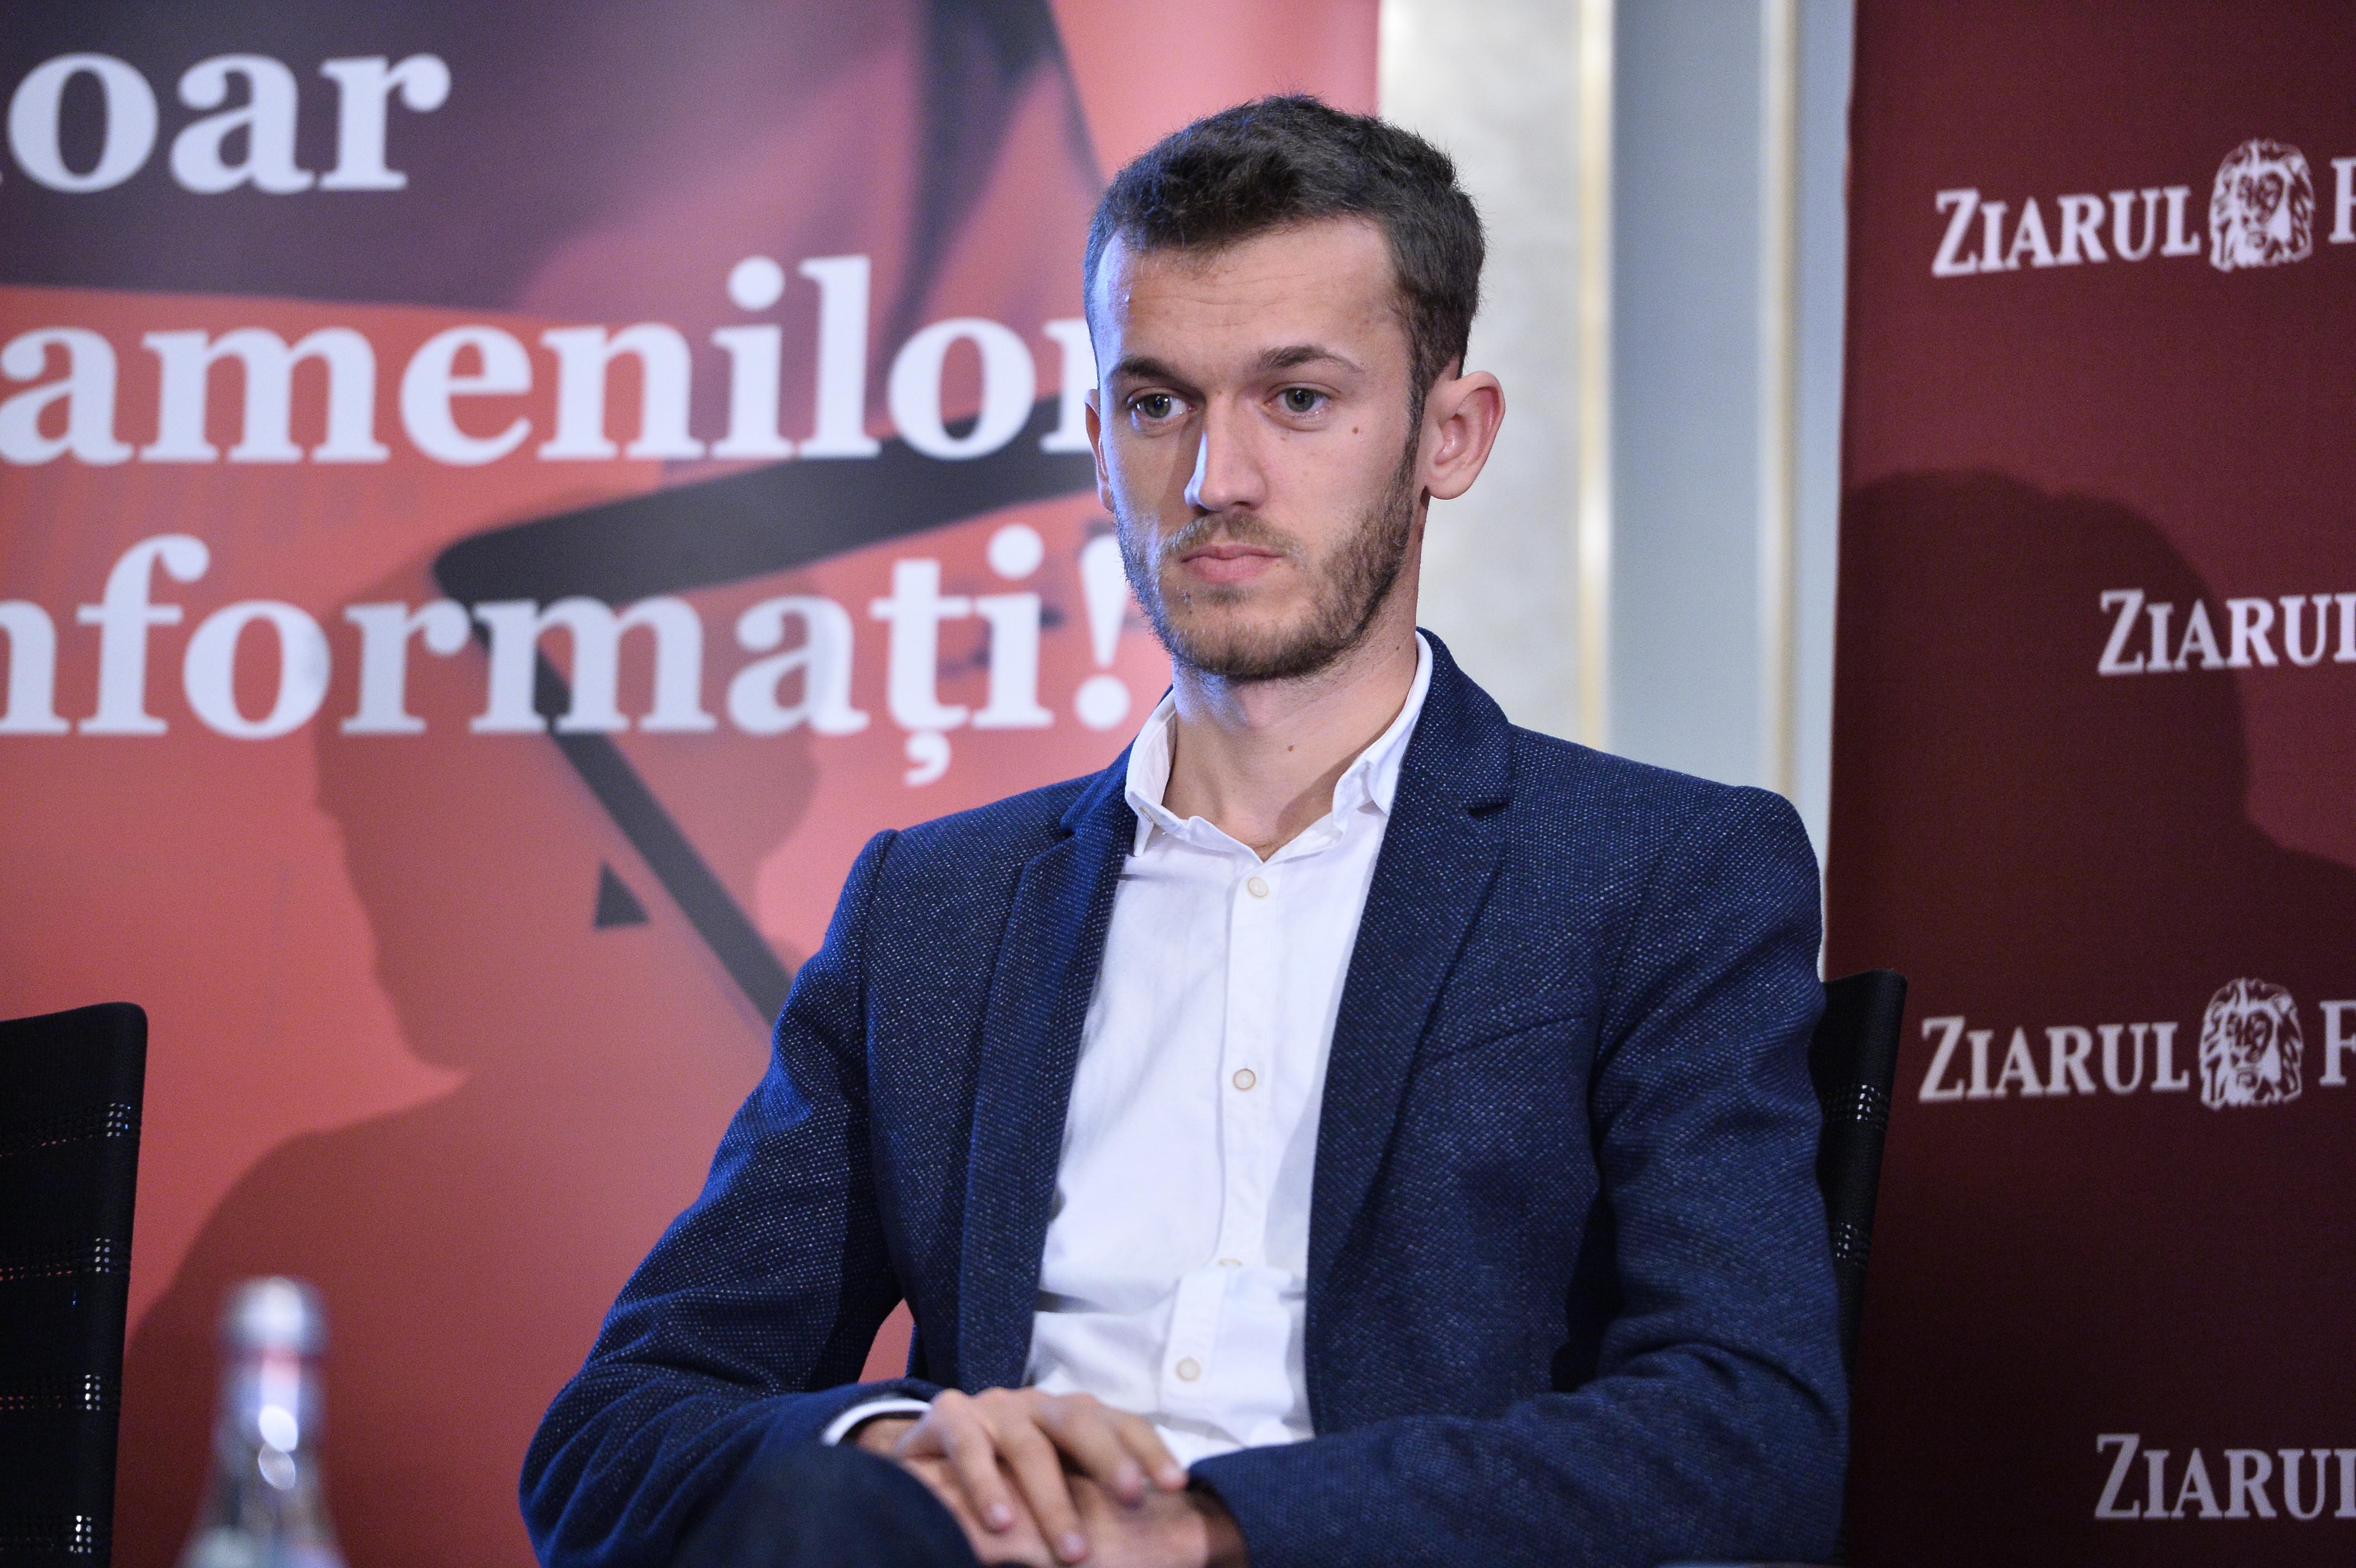 Răzvan Rusu, Proprietar, Dulceaţa lui Răzvan: Sunt mulţi consumatori în România, plus vreo 3 milioane de români afară care consumă branduri româneşti